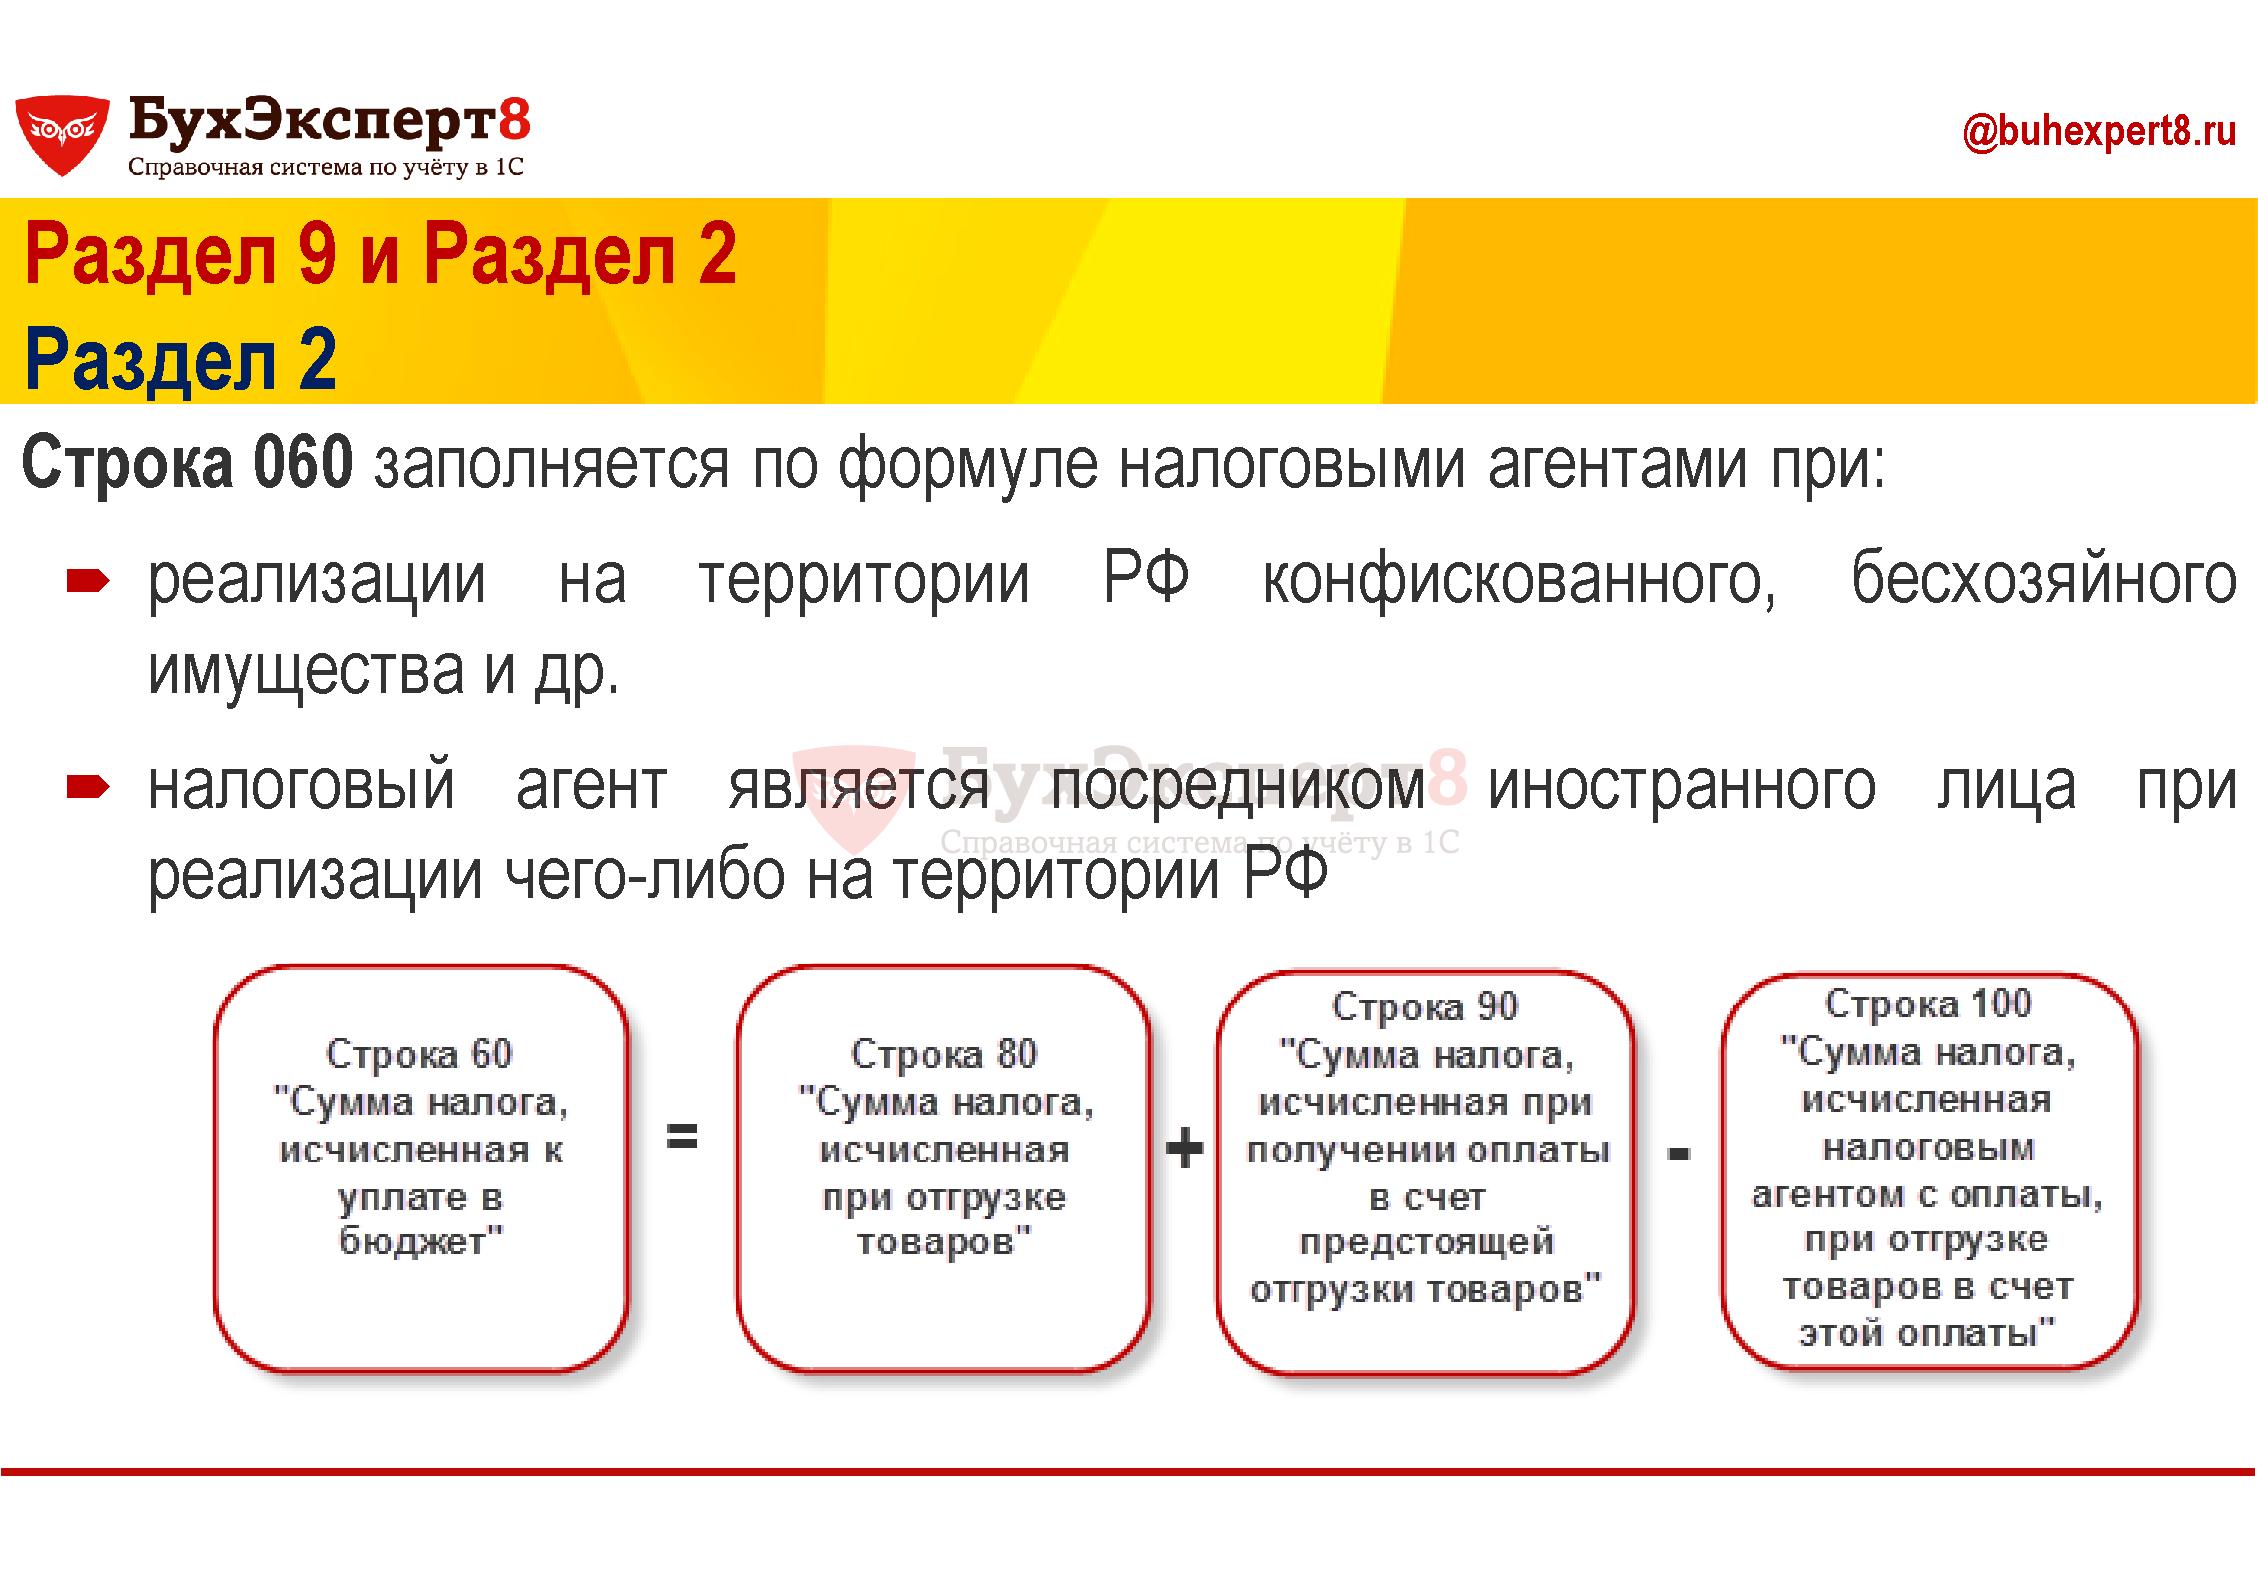 Раздел 9 и Раздел 2 Раздел 2 Строка 060 заполняется по формуле налоговыми агентами при: реализации на территории РФ конфискованного, бесхозяйного имущества и др. налоговый агент является посредником иностранного лица при реализации чего-либо на территории РФ